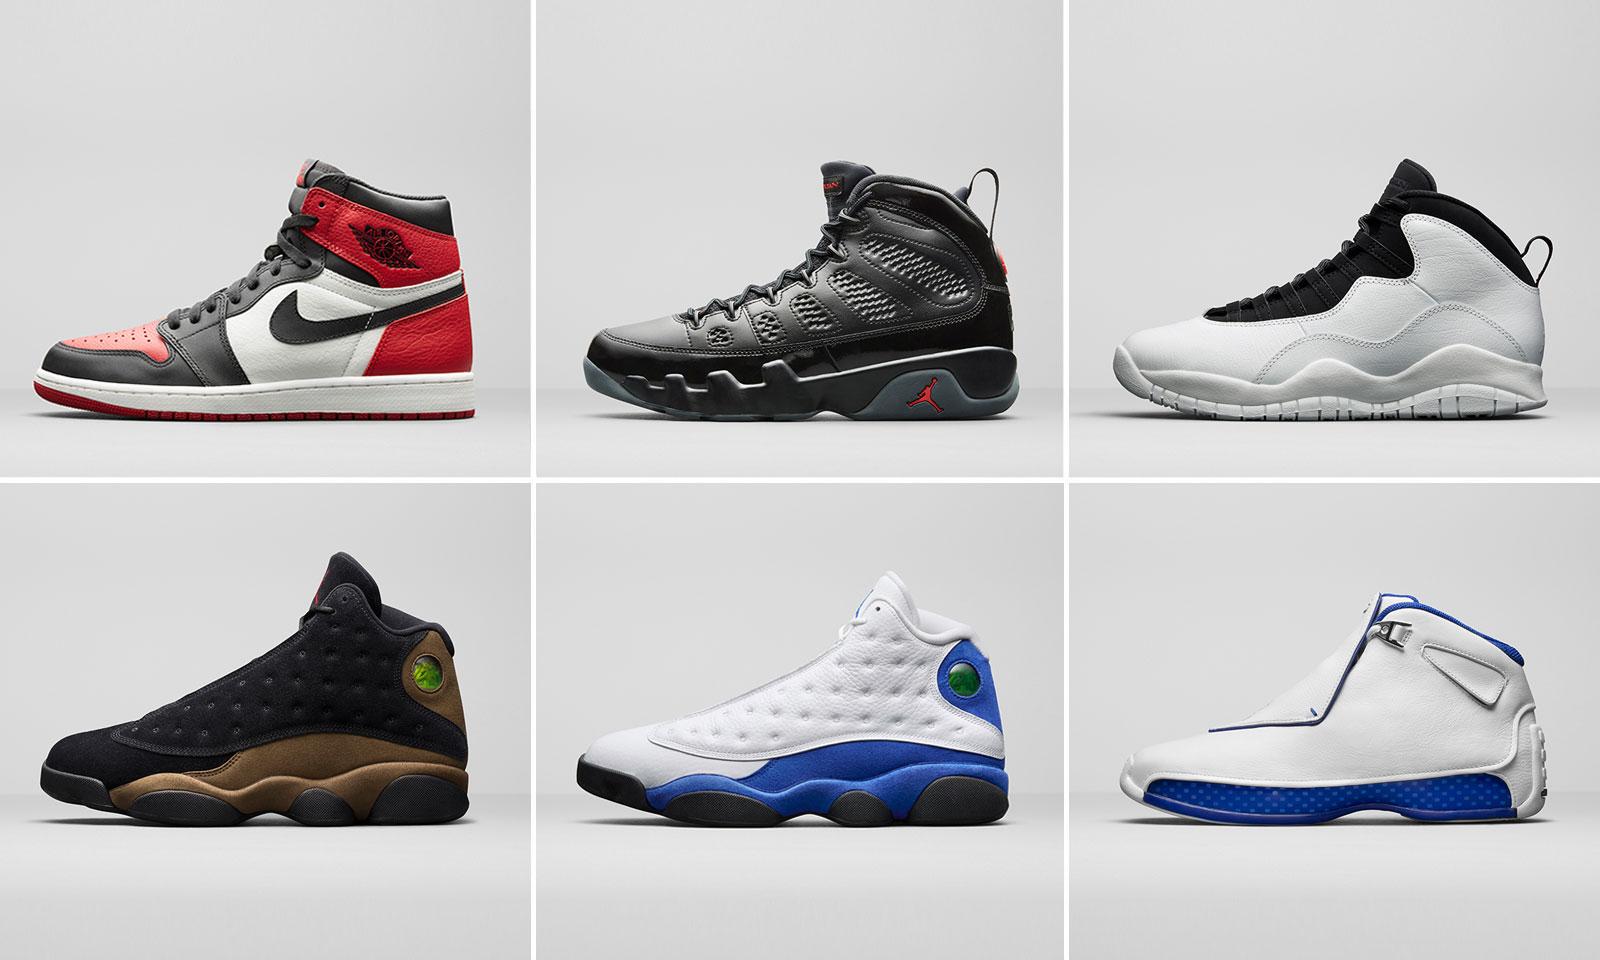 Jordan Brand 发布 2018 春季 Air Jordan 复刻系列预览